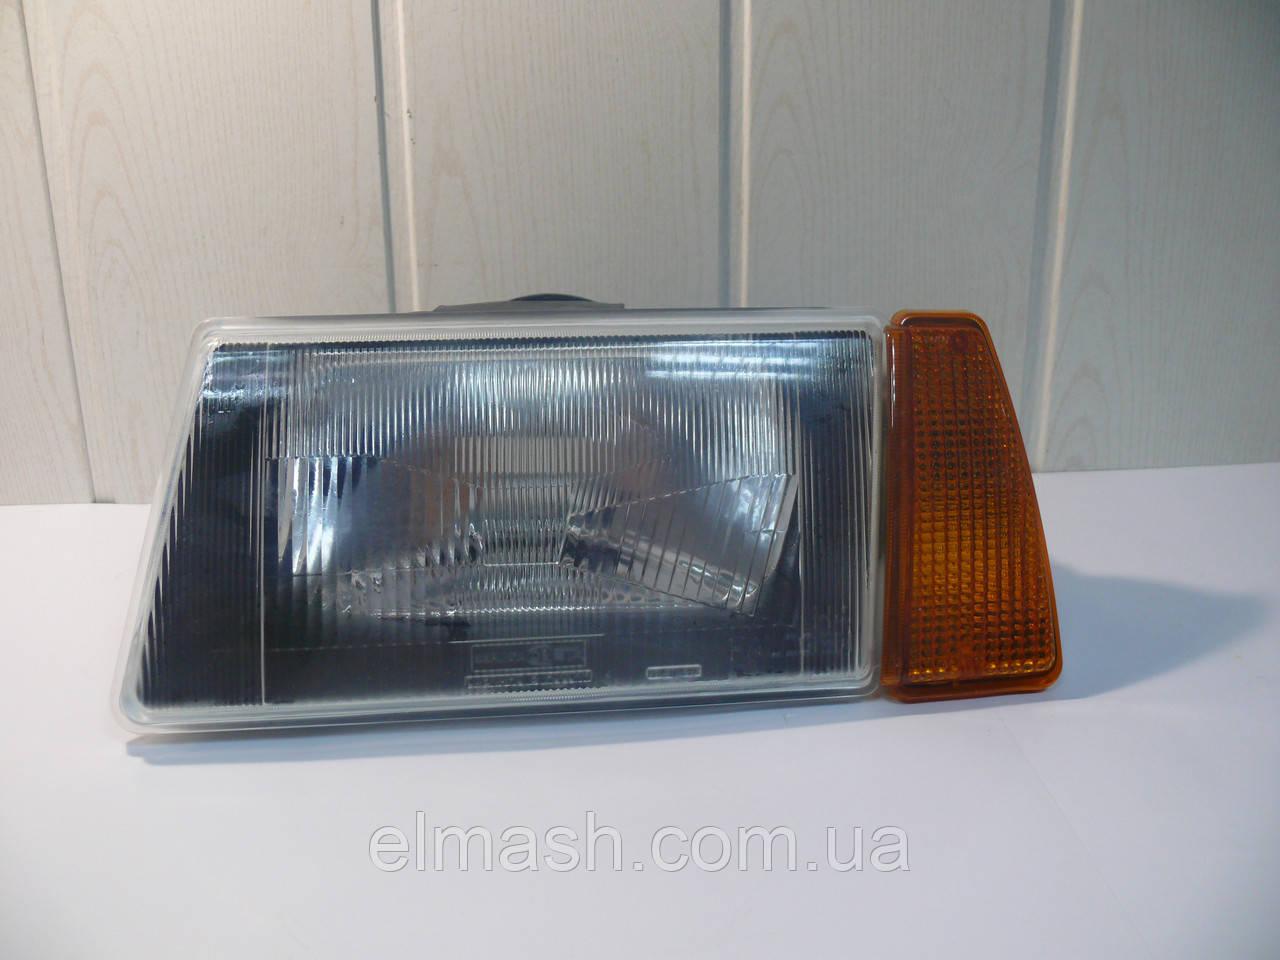 Фара левая с оранжевым указателем (внутри черный корпус) ВАЗ 2108,-09,-099 (пр-во Формула света)